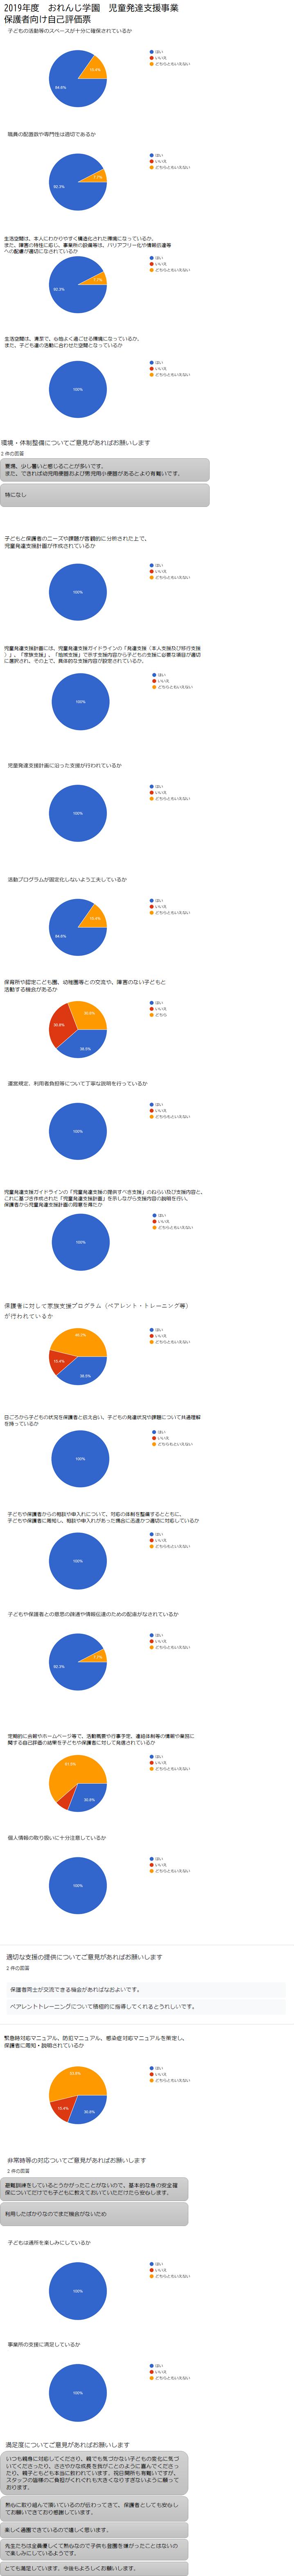 2019おれんじ学園児発 保護者向け自己評価集計結果